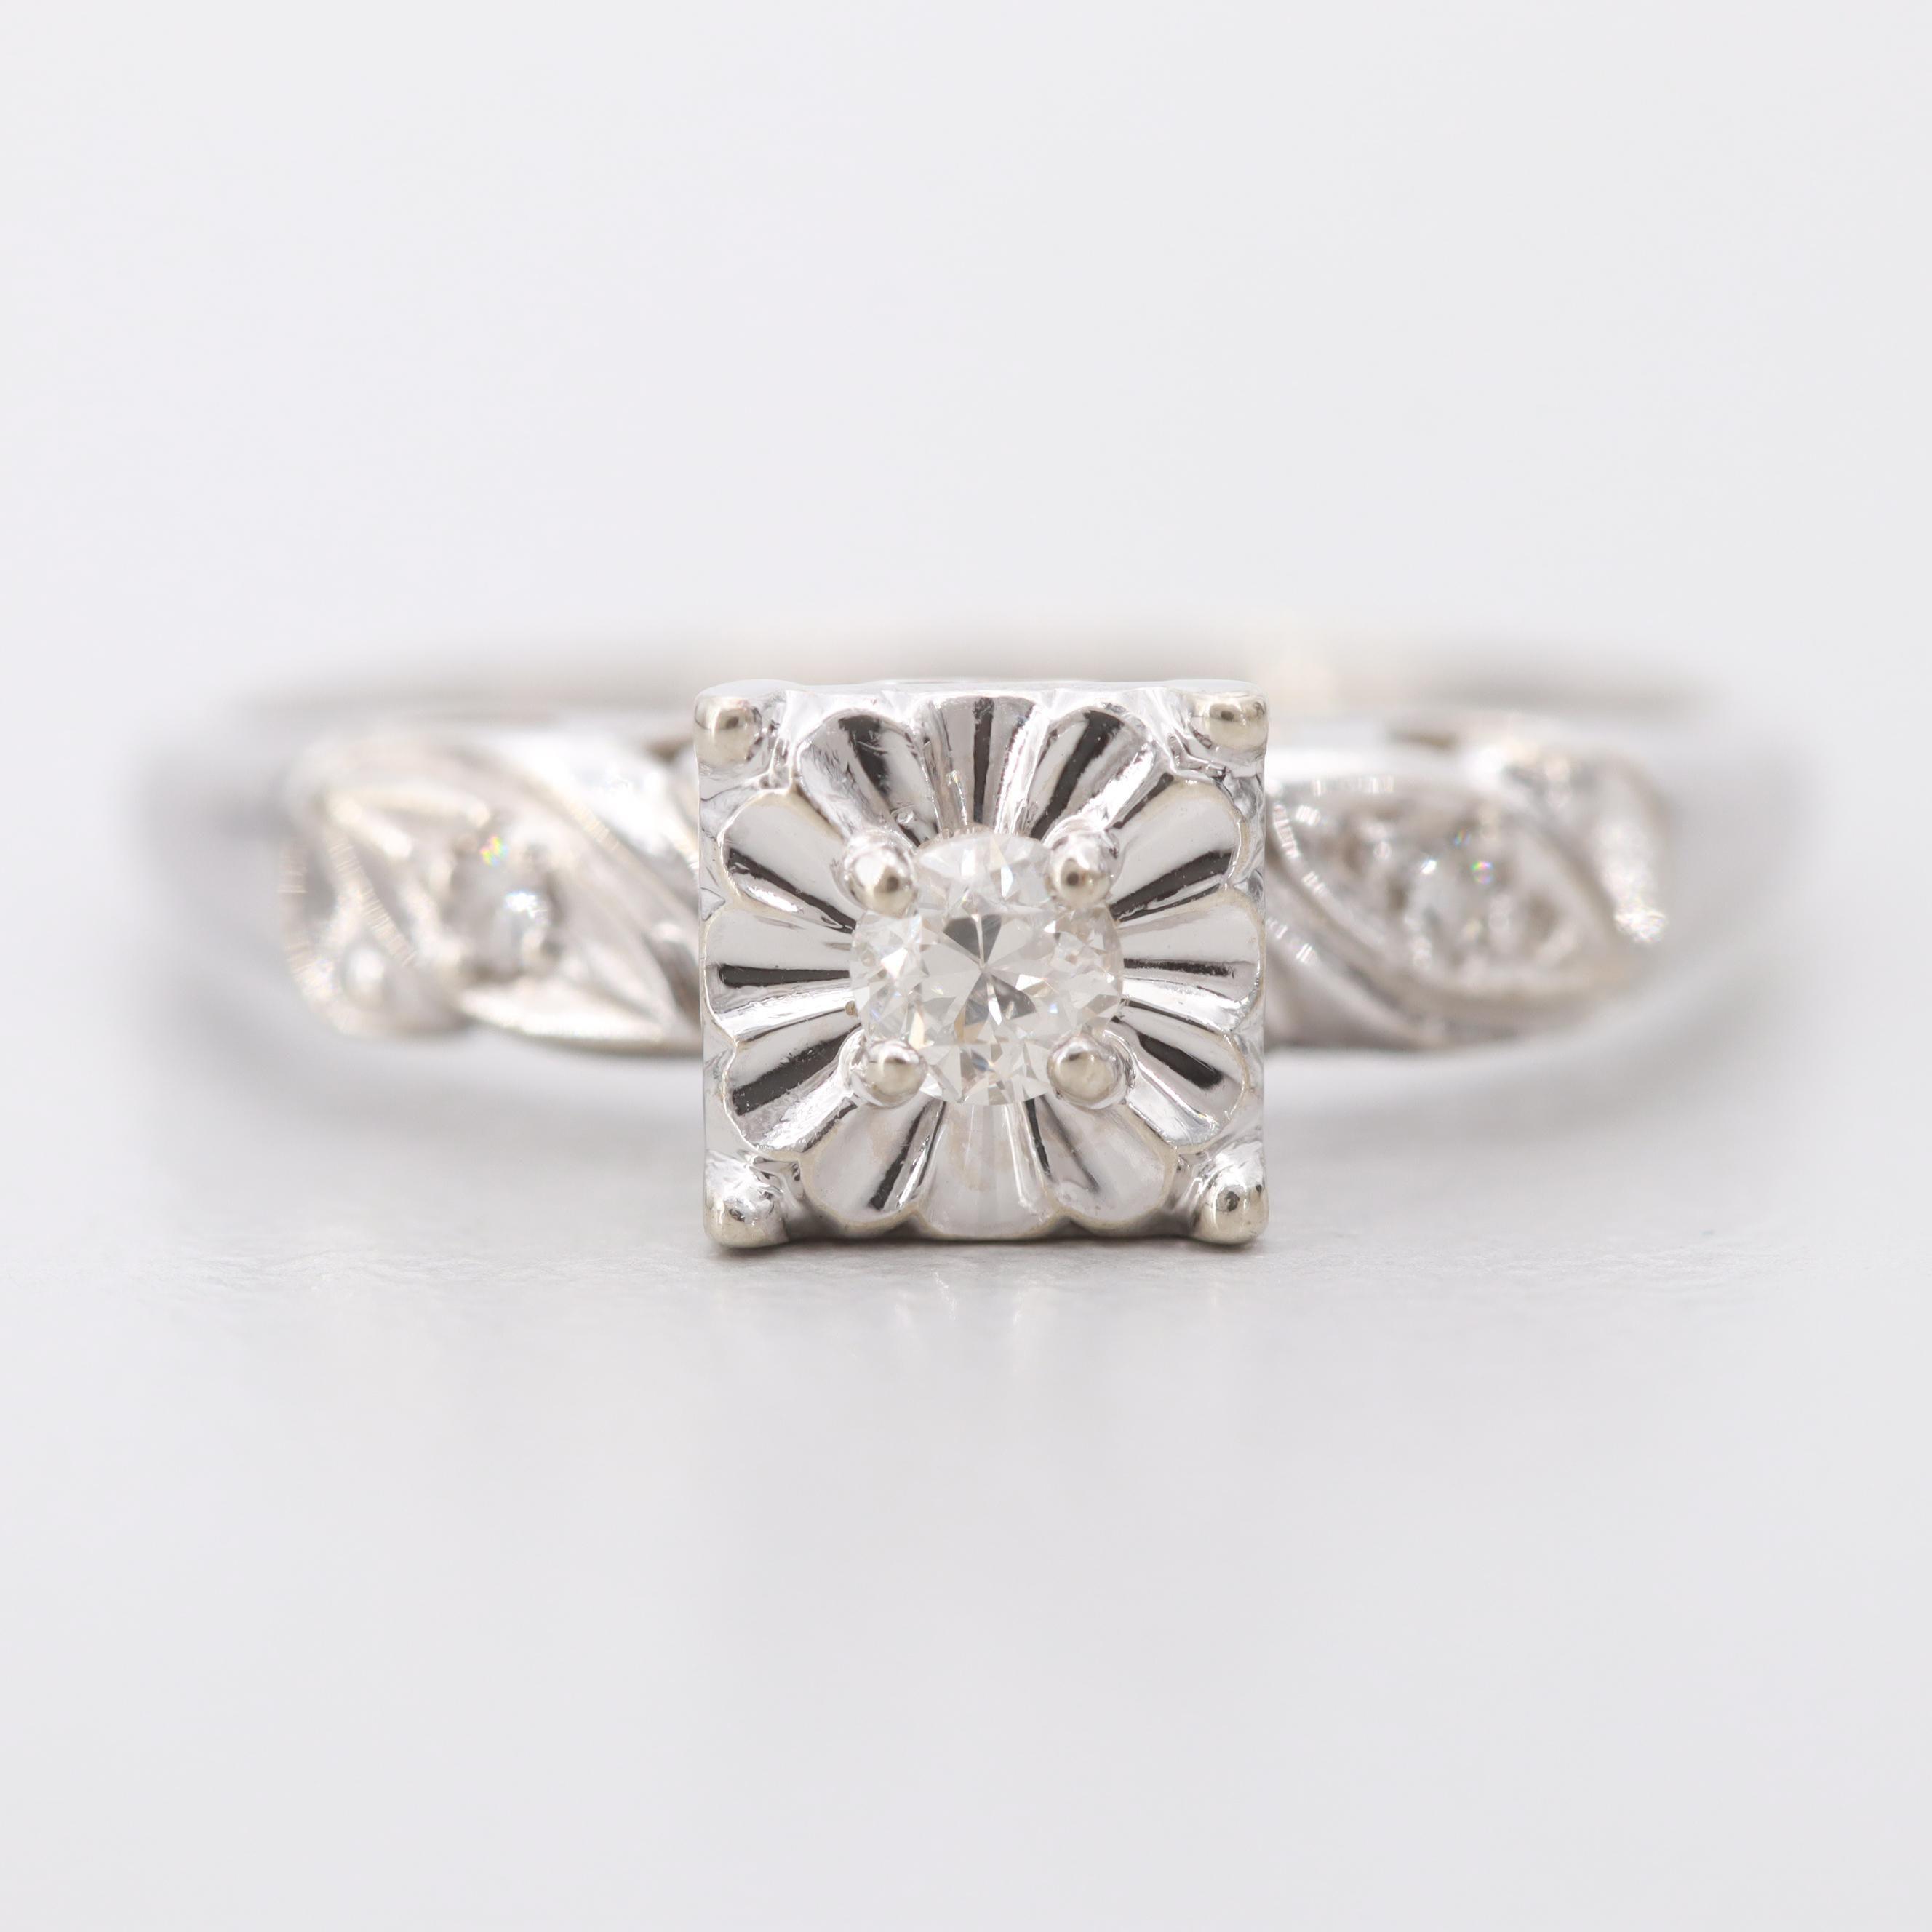 Russ Jensen & Sons 14K White Gold Diamond Ring